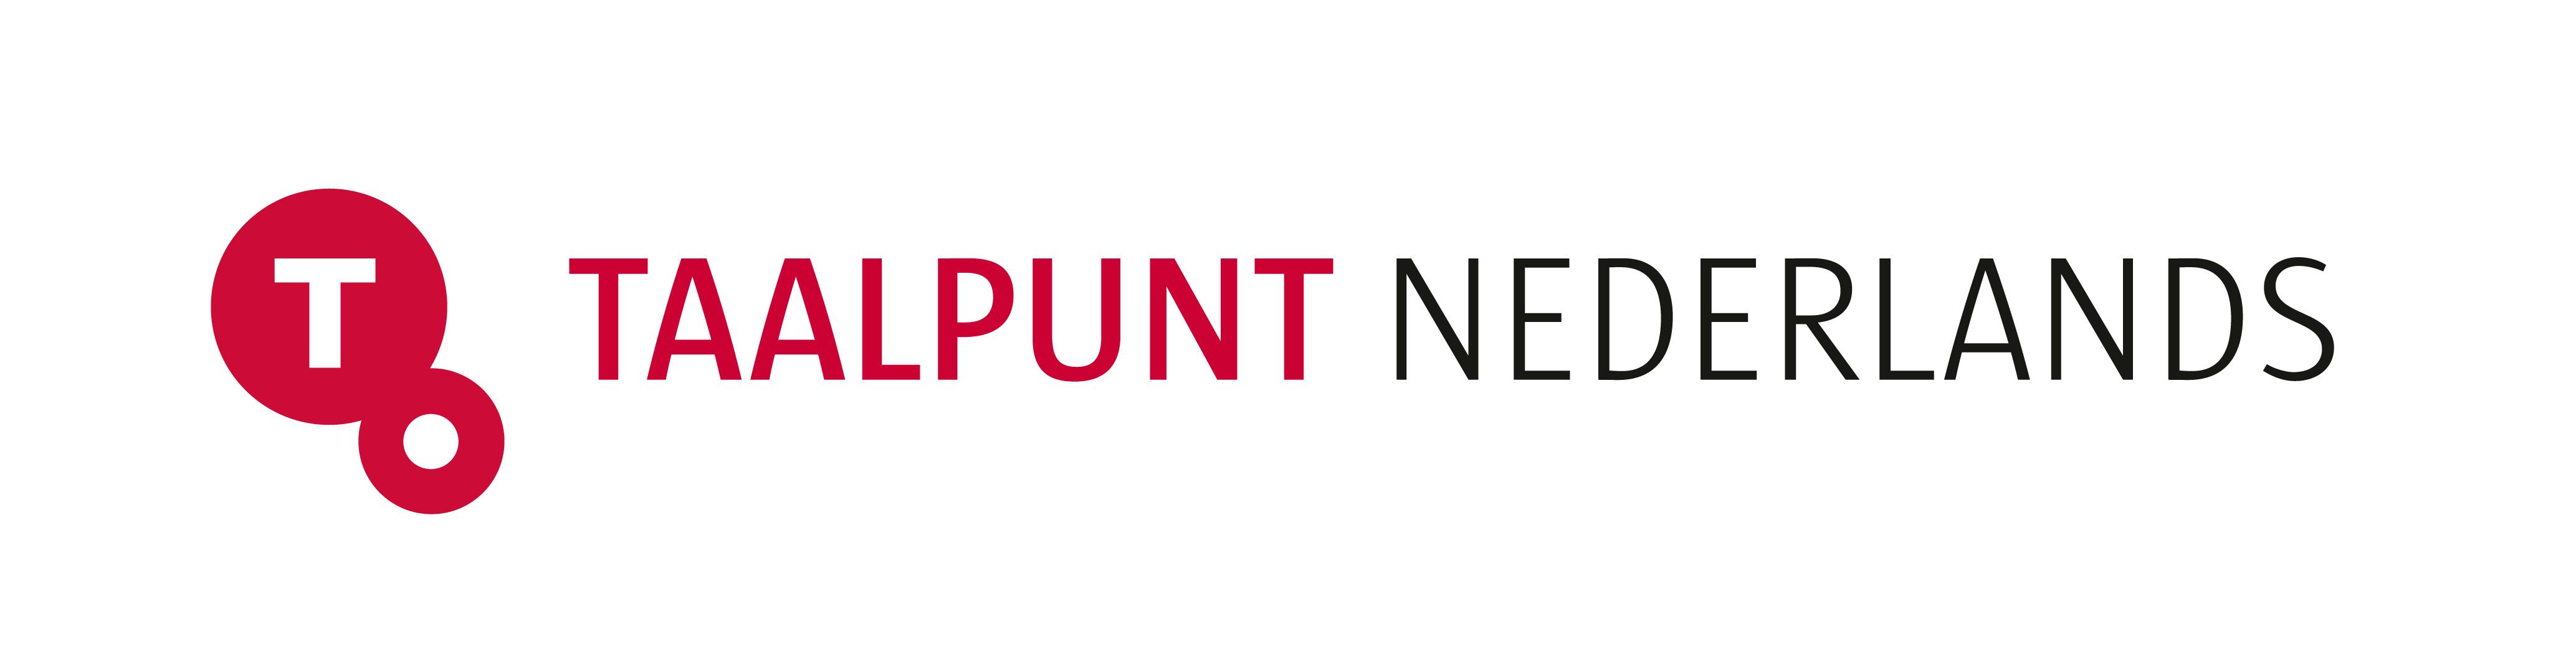 Taalpunt Nederlands logo